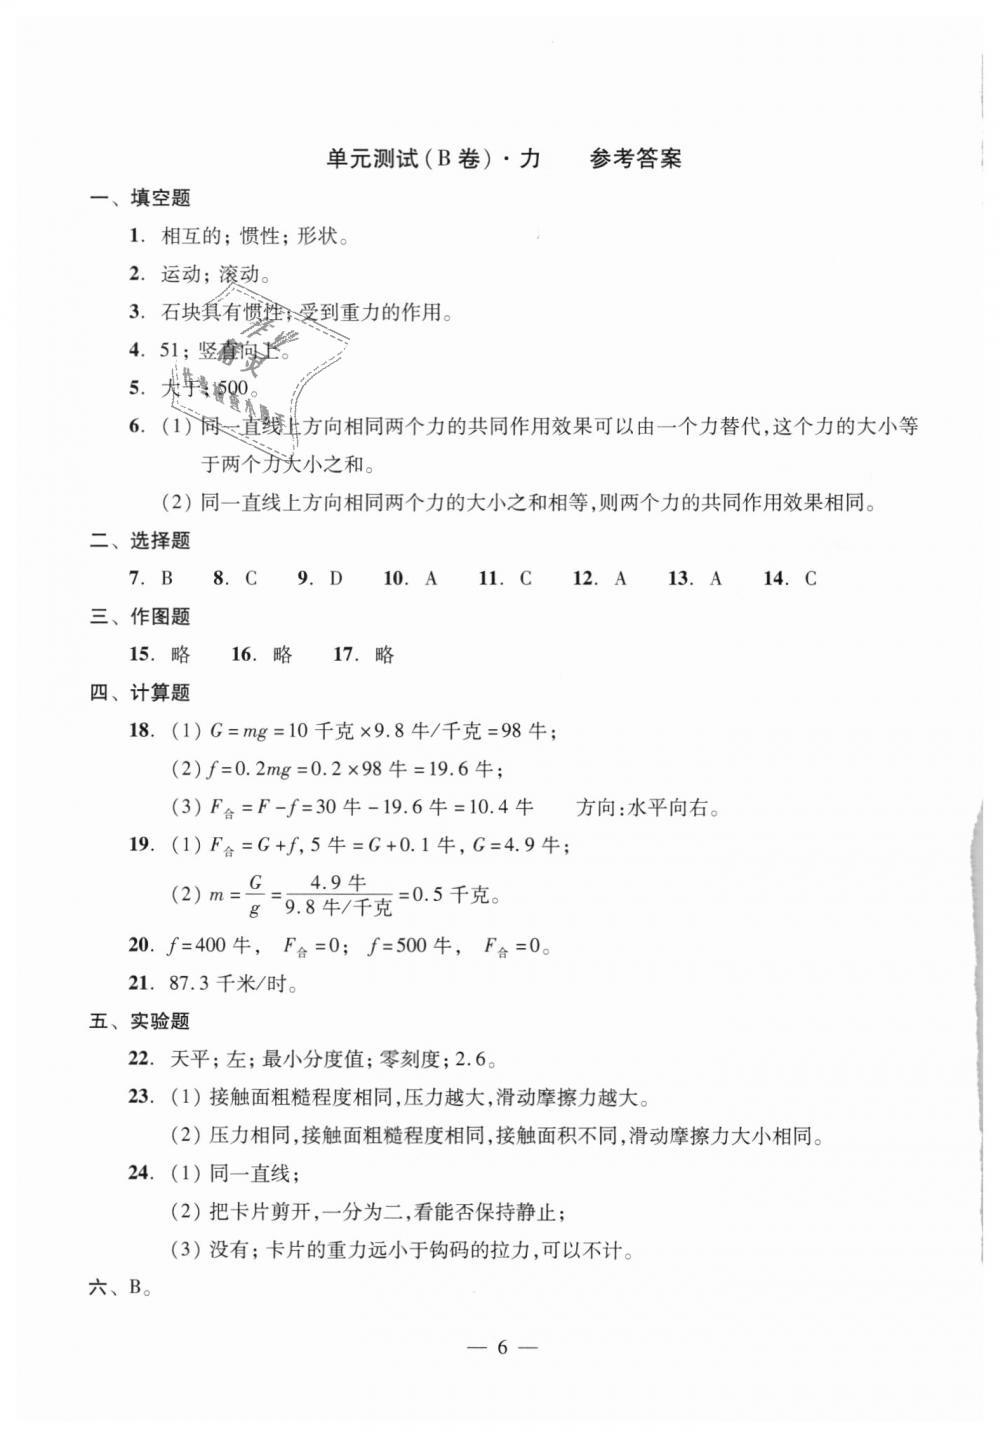 2018年初中物理双基过关堂堂练八年级全一册沪教版第50页